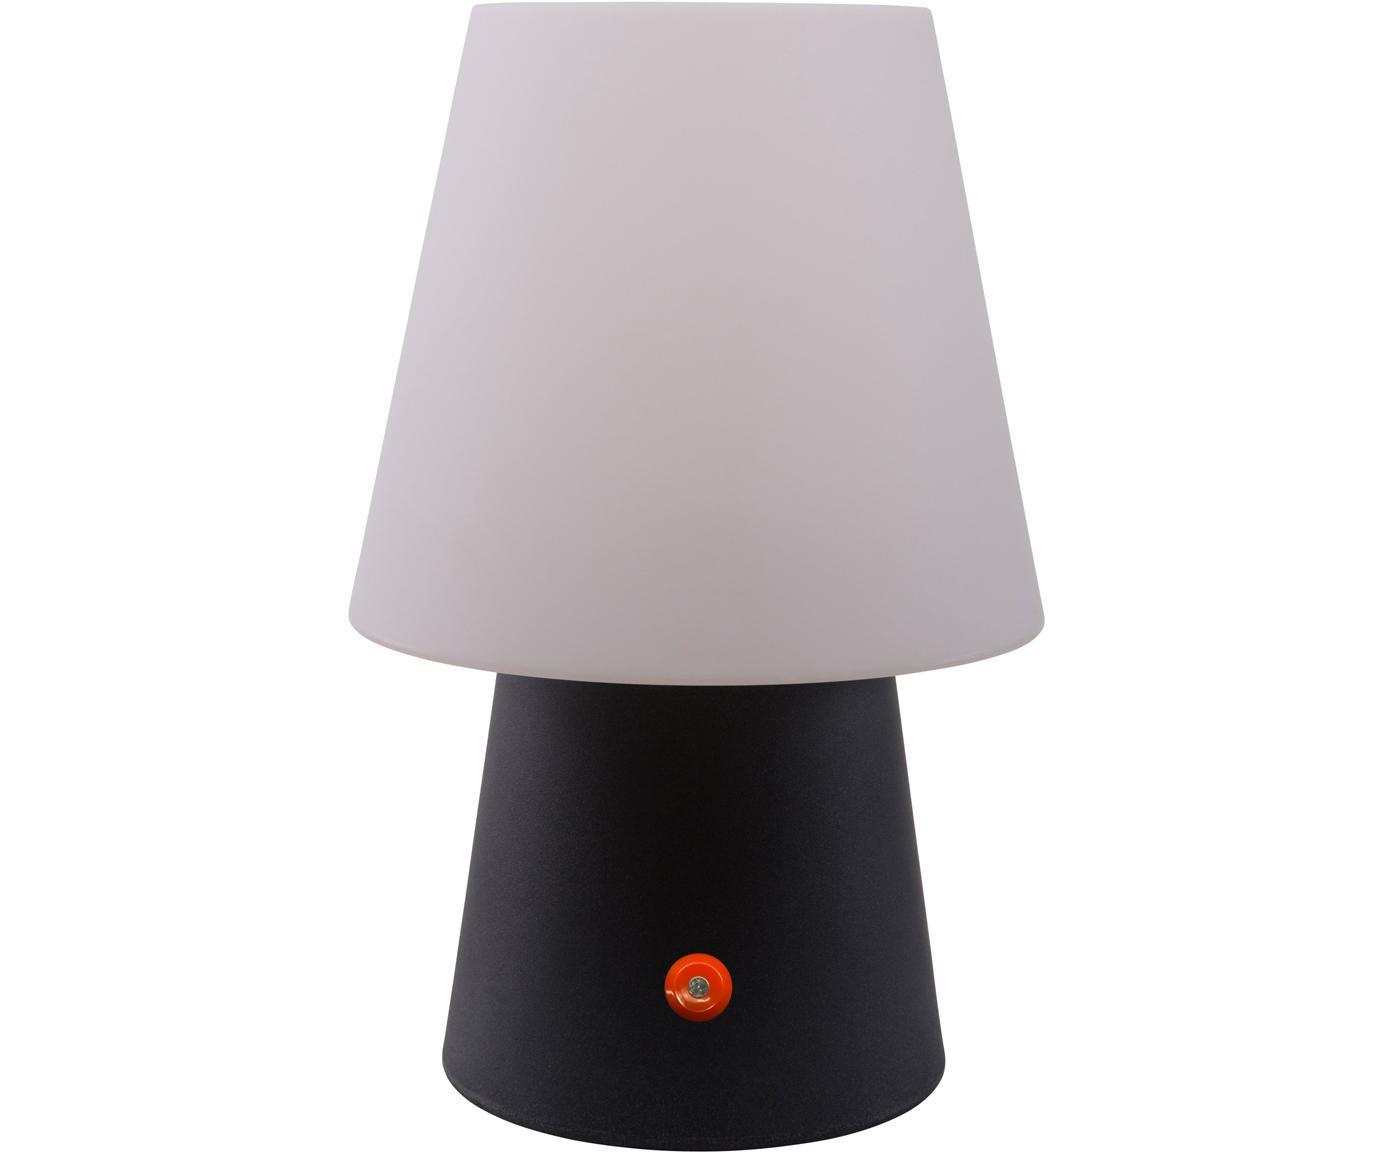 Mobiele outdoor LED tafellamp No. 1 , Kunststof, Wit, antraciet, Ø 18 x H 29 cm